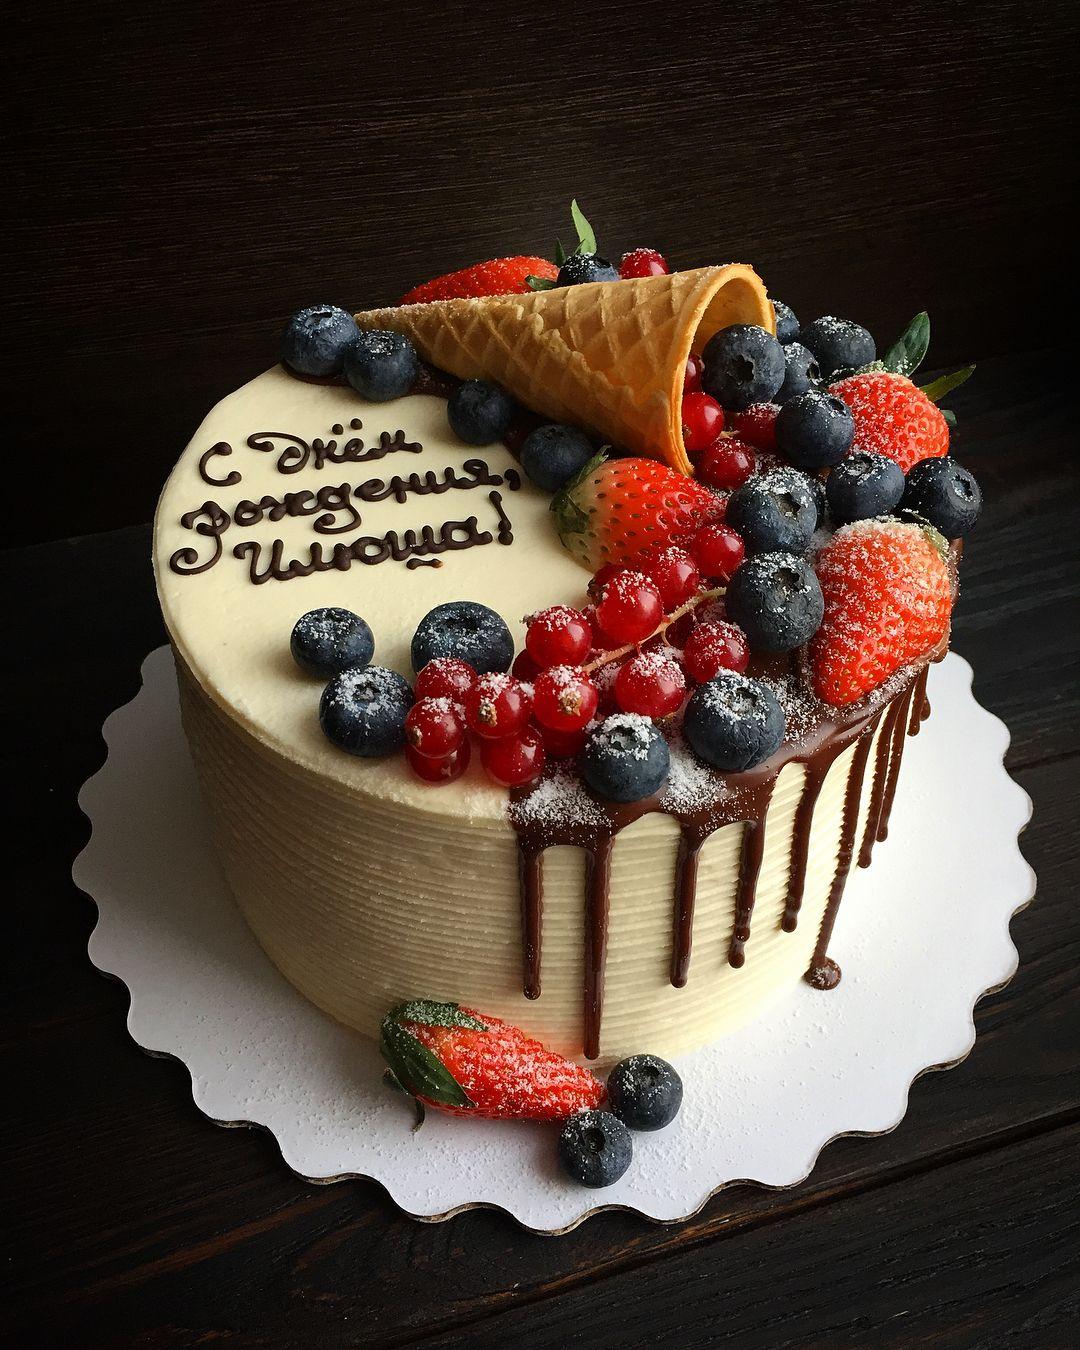 Открытки с днем рождения с поздравлениями с юбилеем харрингтон